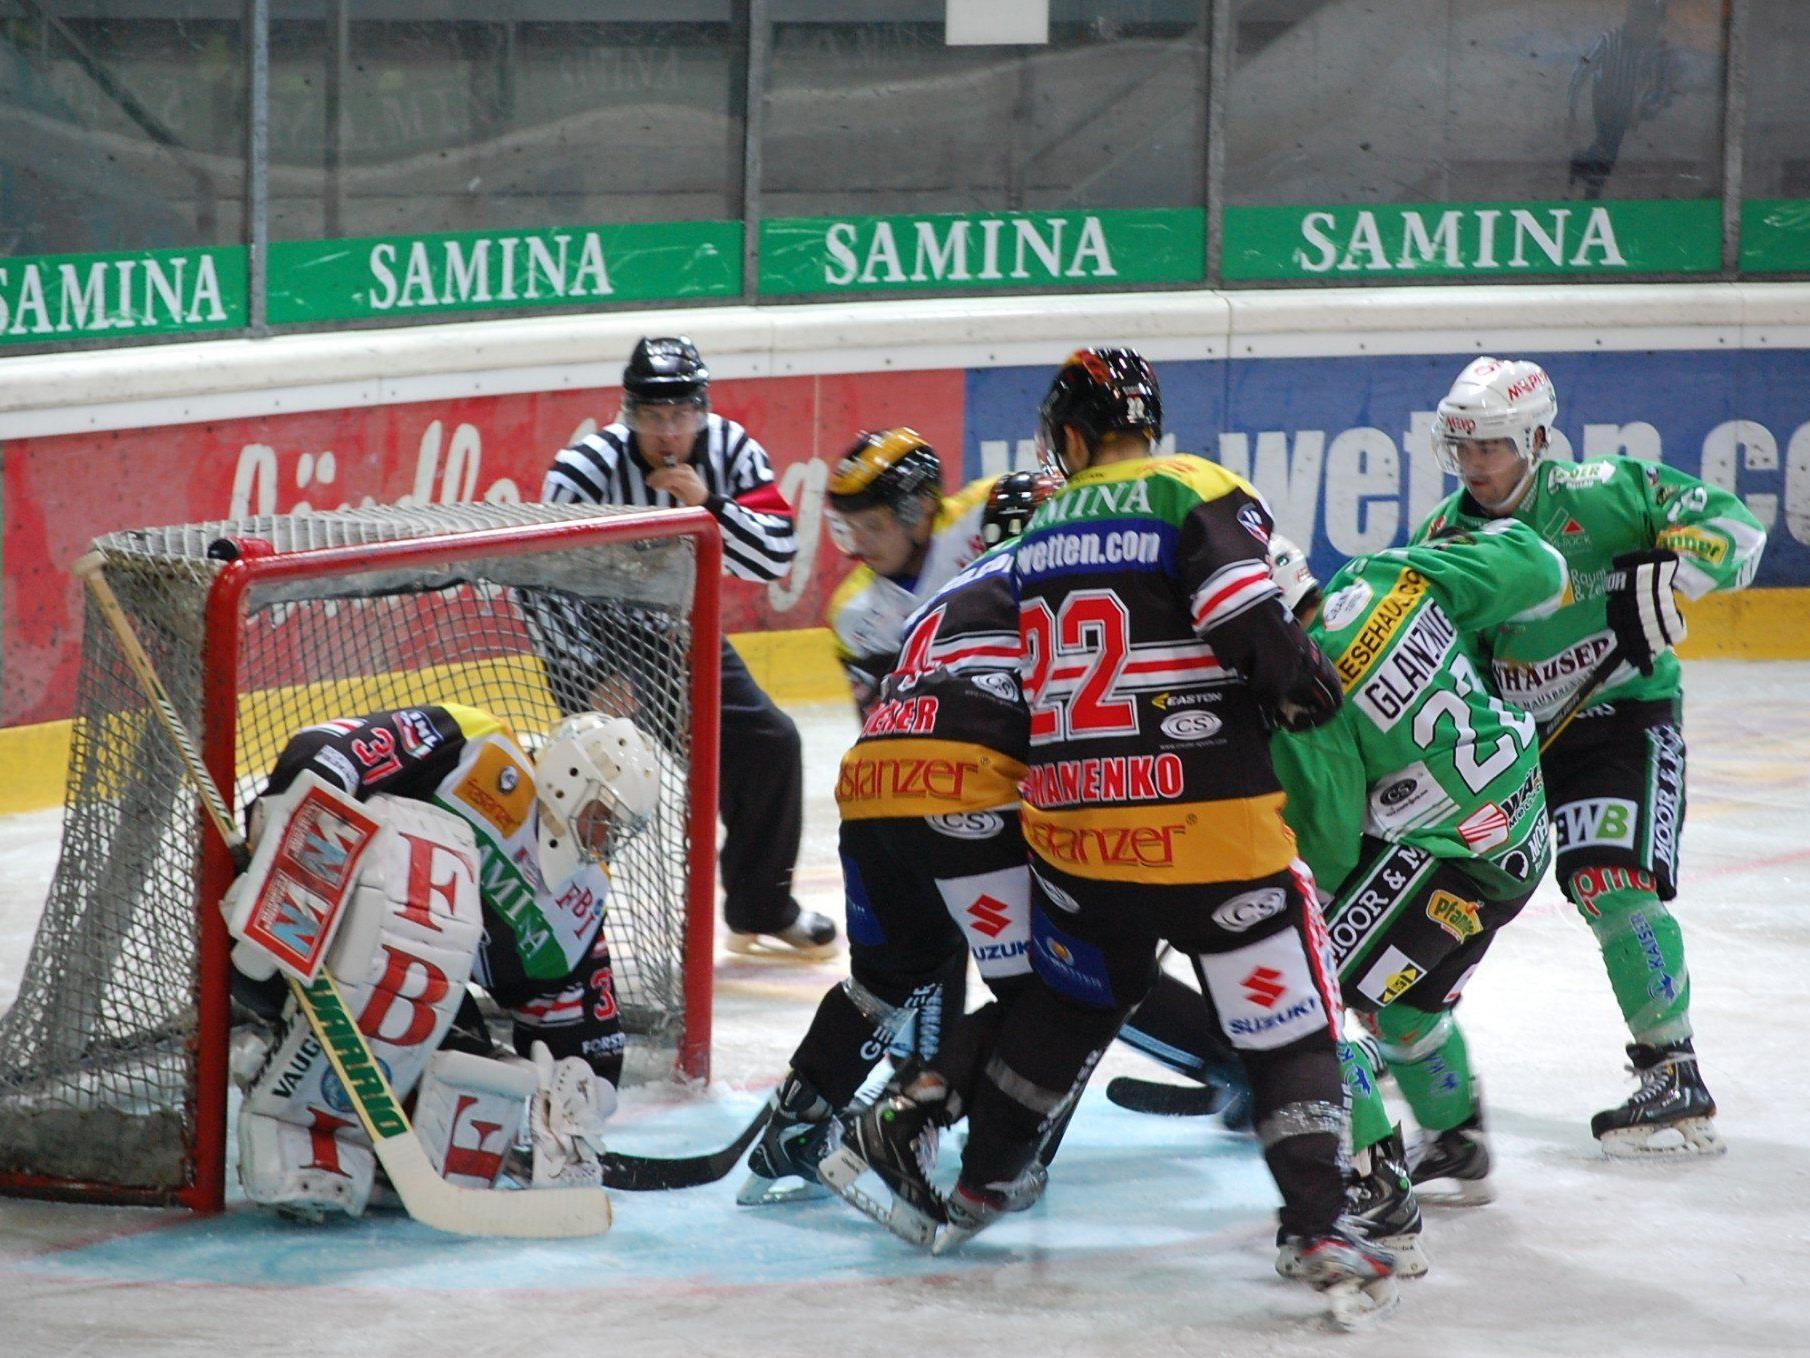 Zwei Heimspiele innert 22 Stunden gegen slowenische Klubs bestreitet der EHC Bregenzerwald.